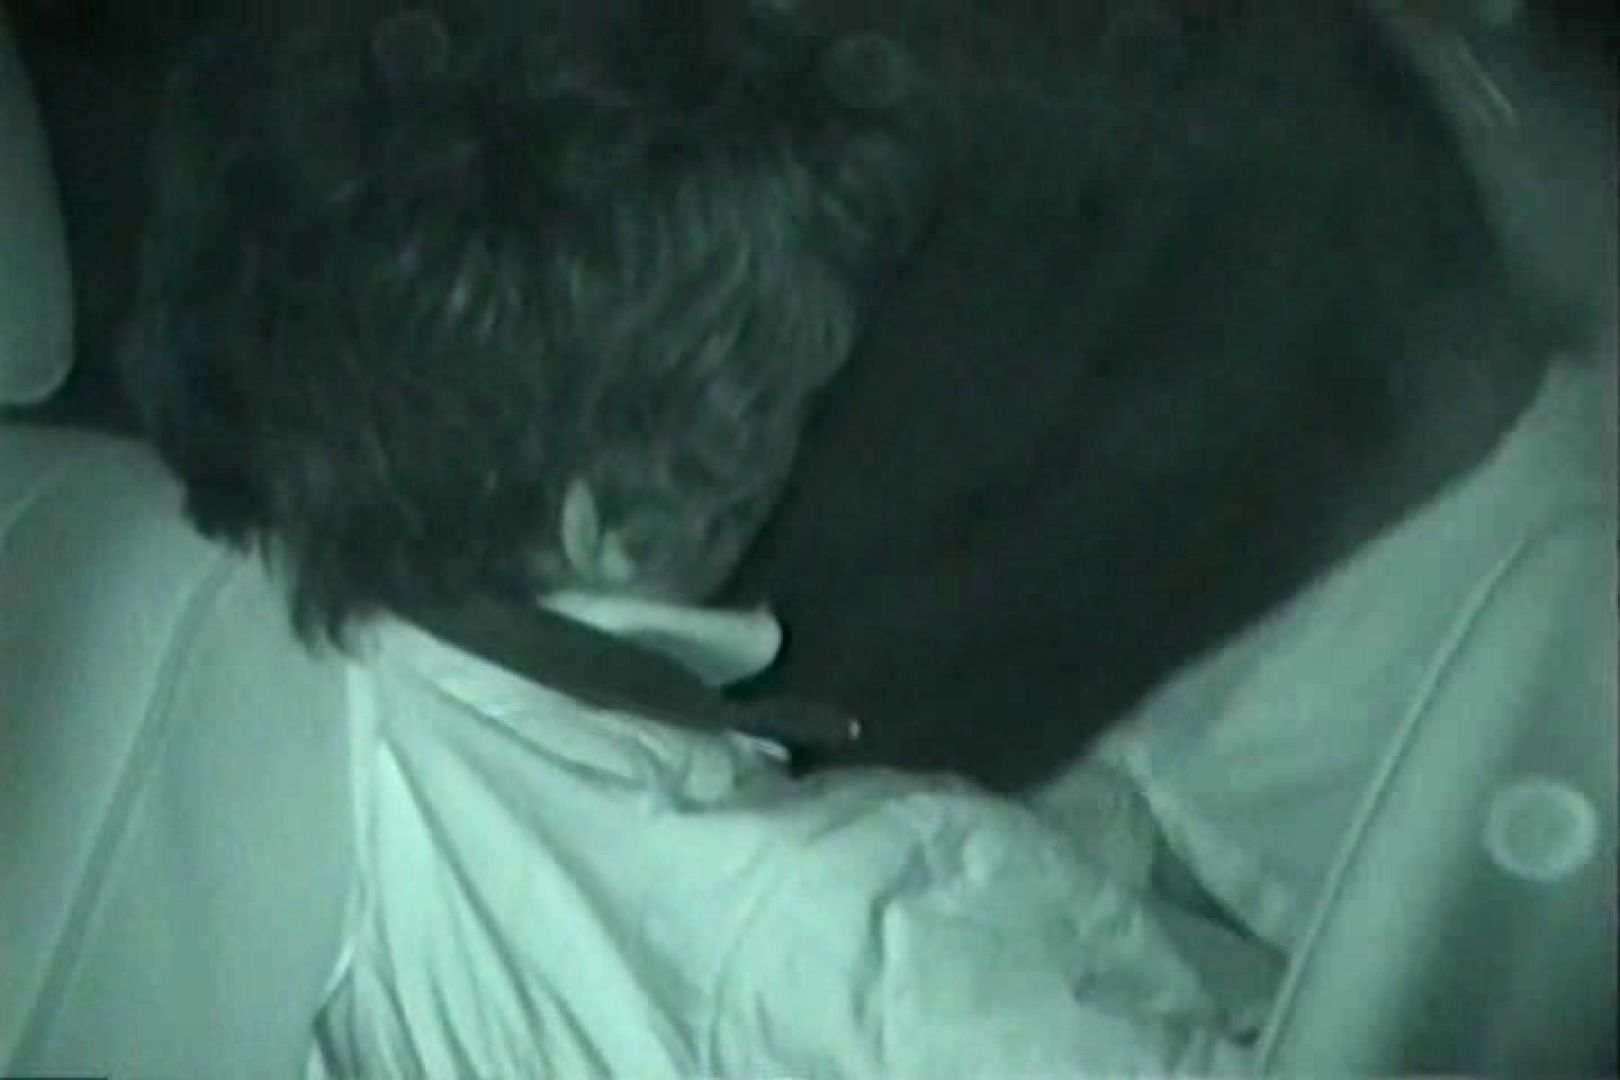 充血監督の深夜の運動会Vol.124 OLの実態 隠し撮りAV無料 92pic 62